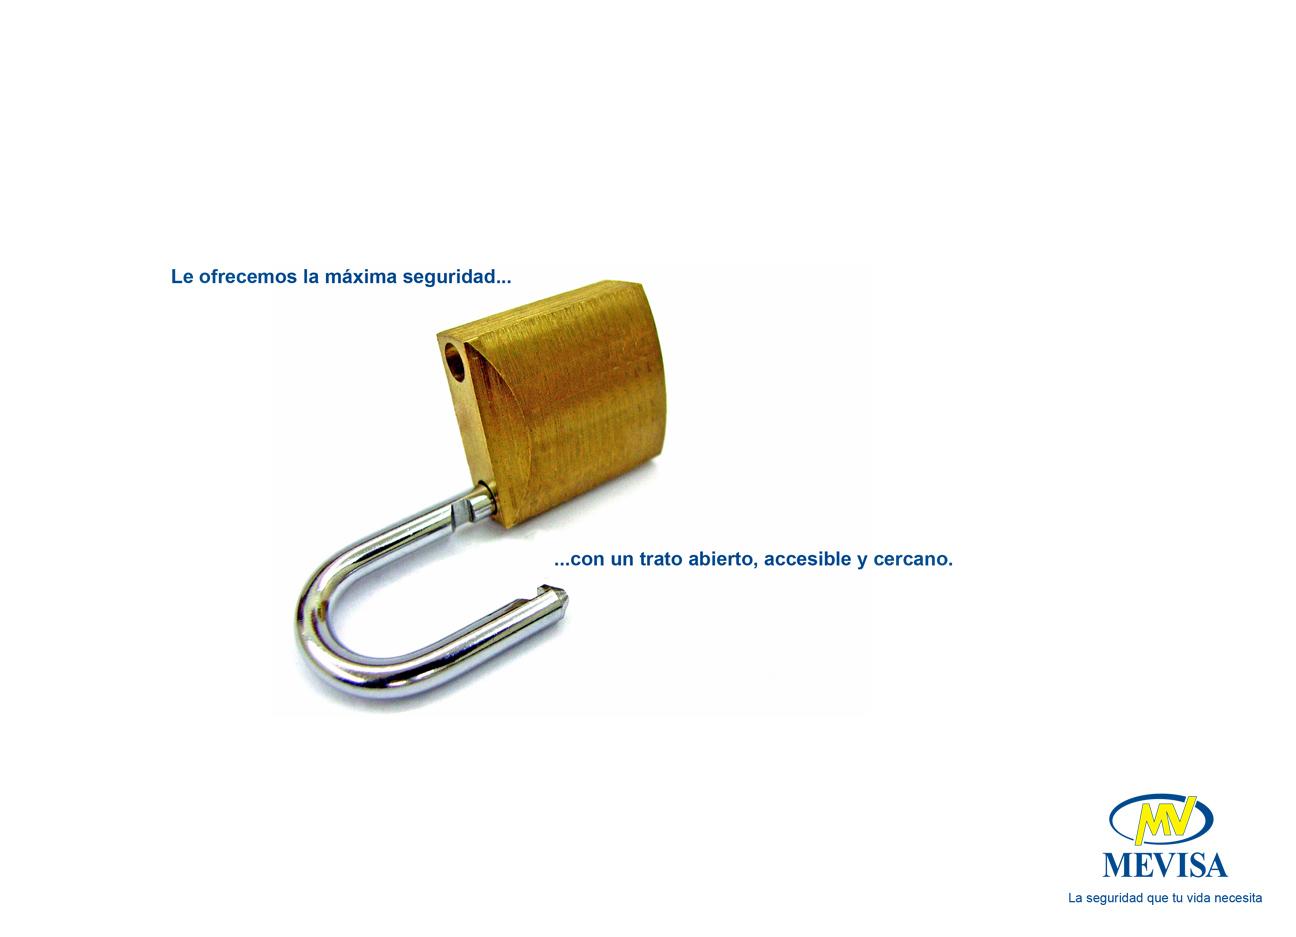 Mevisa - Seguridad